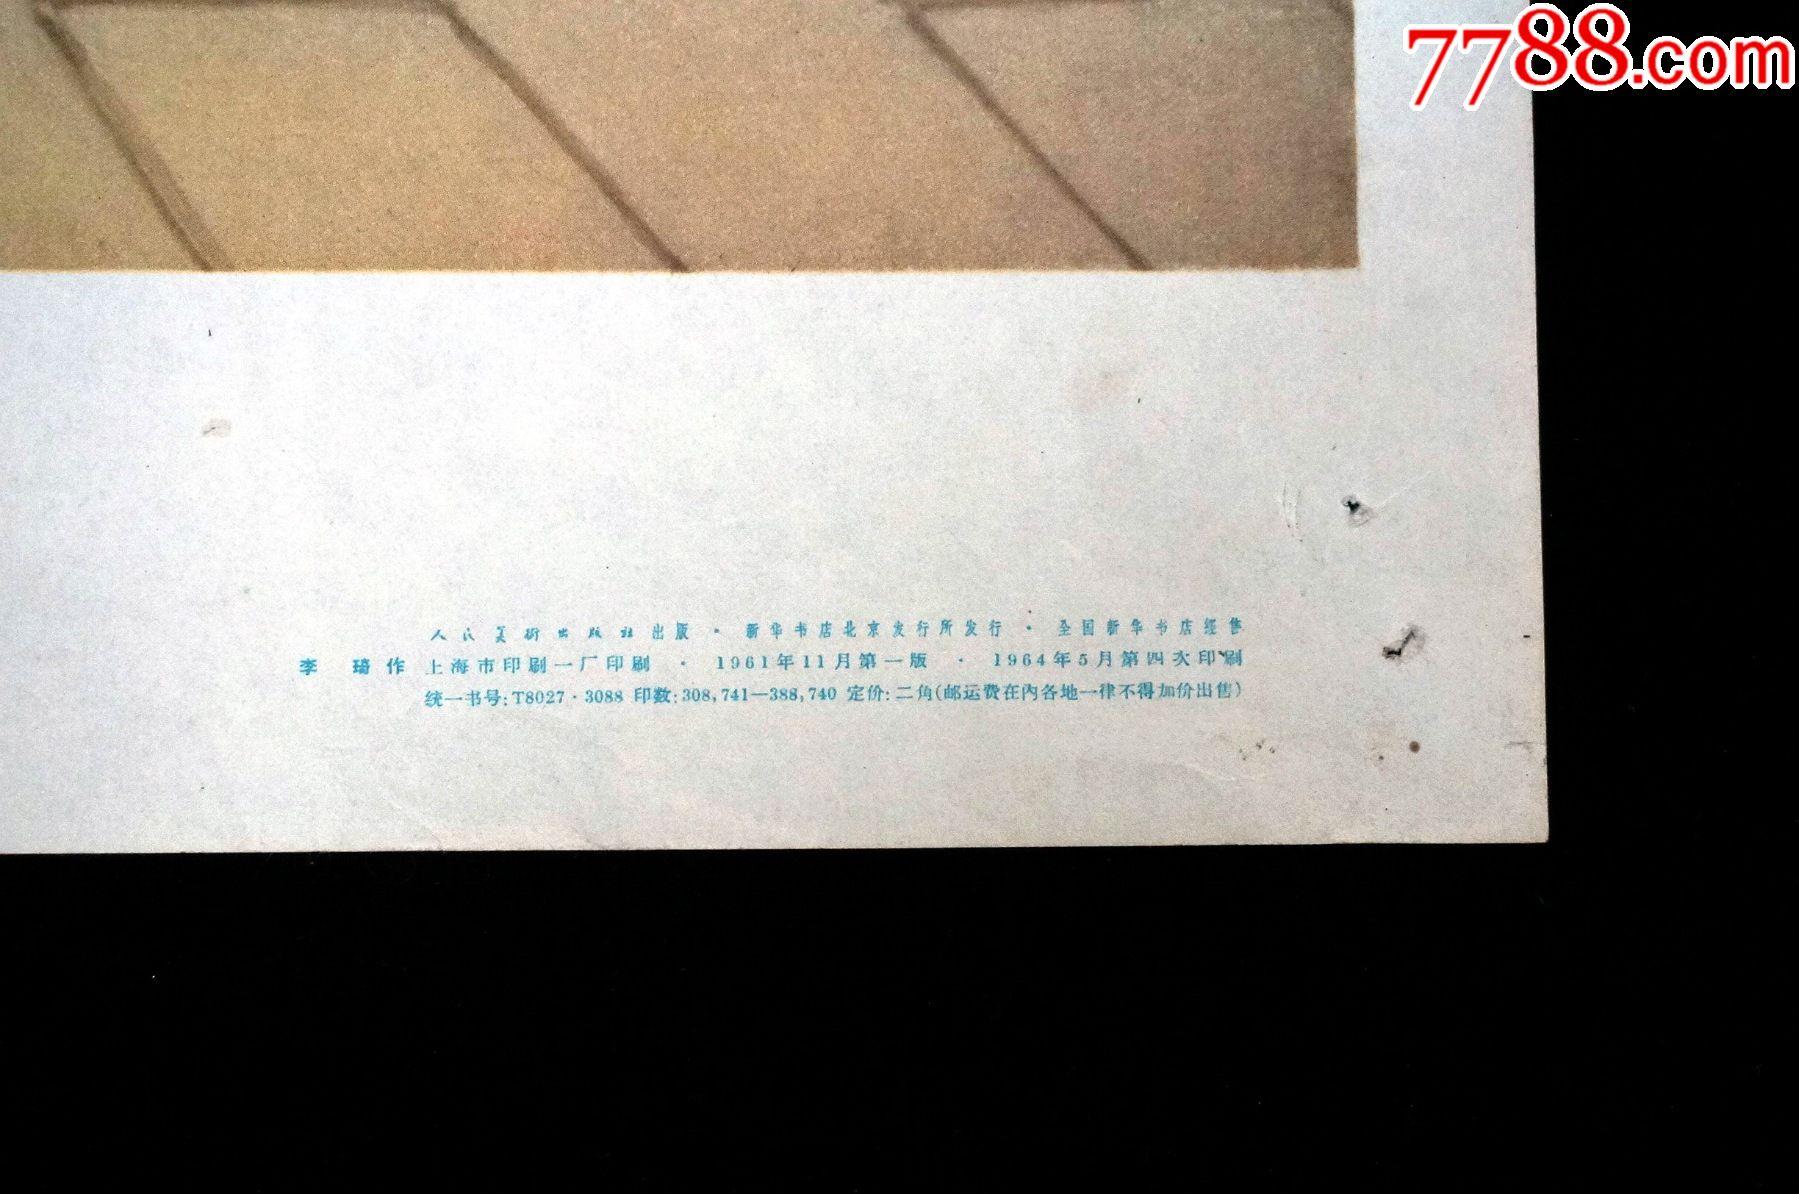 【主席来到我们家】--人美64年版--印制精美--收藏珍品_价格1405元_第2张_